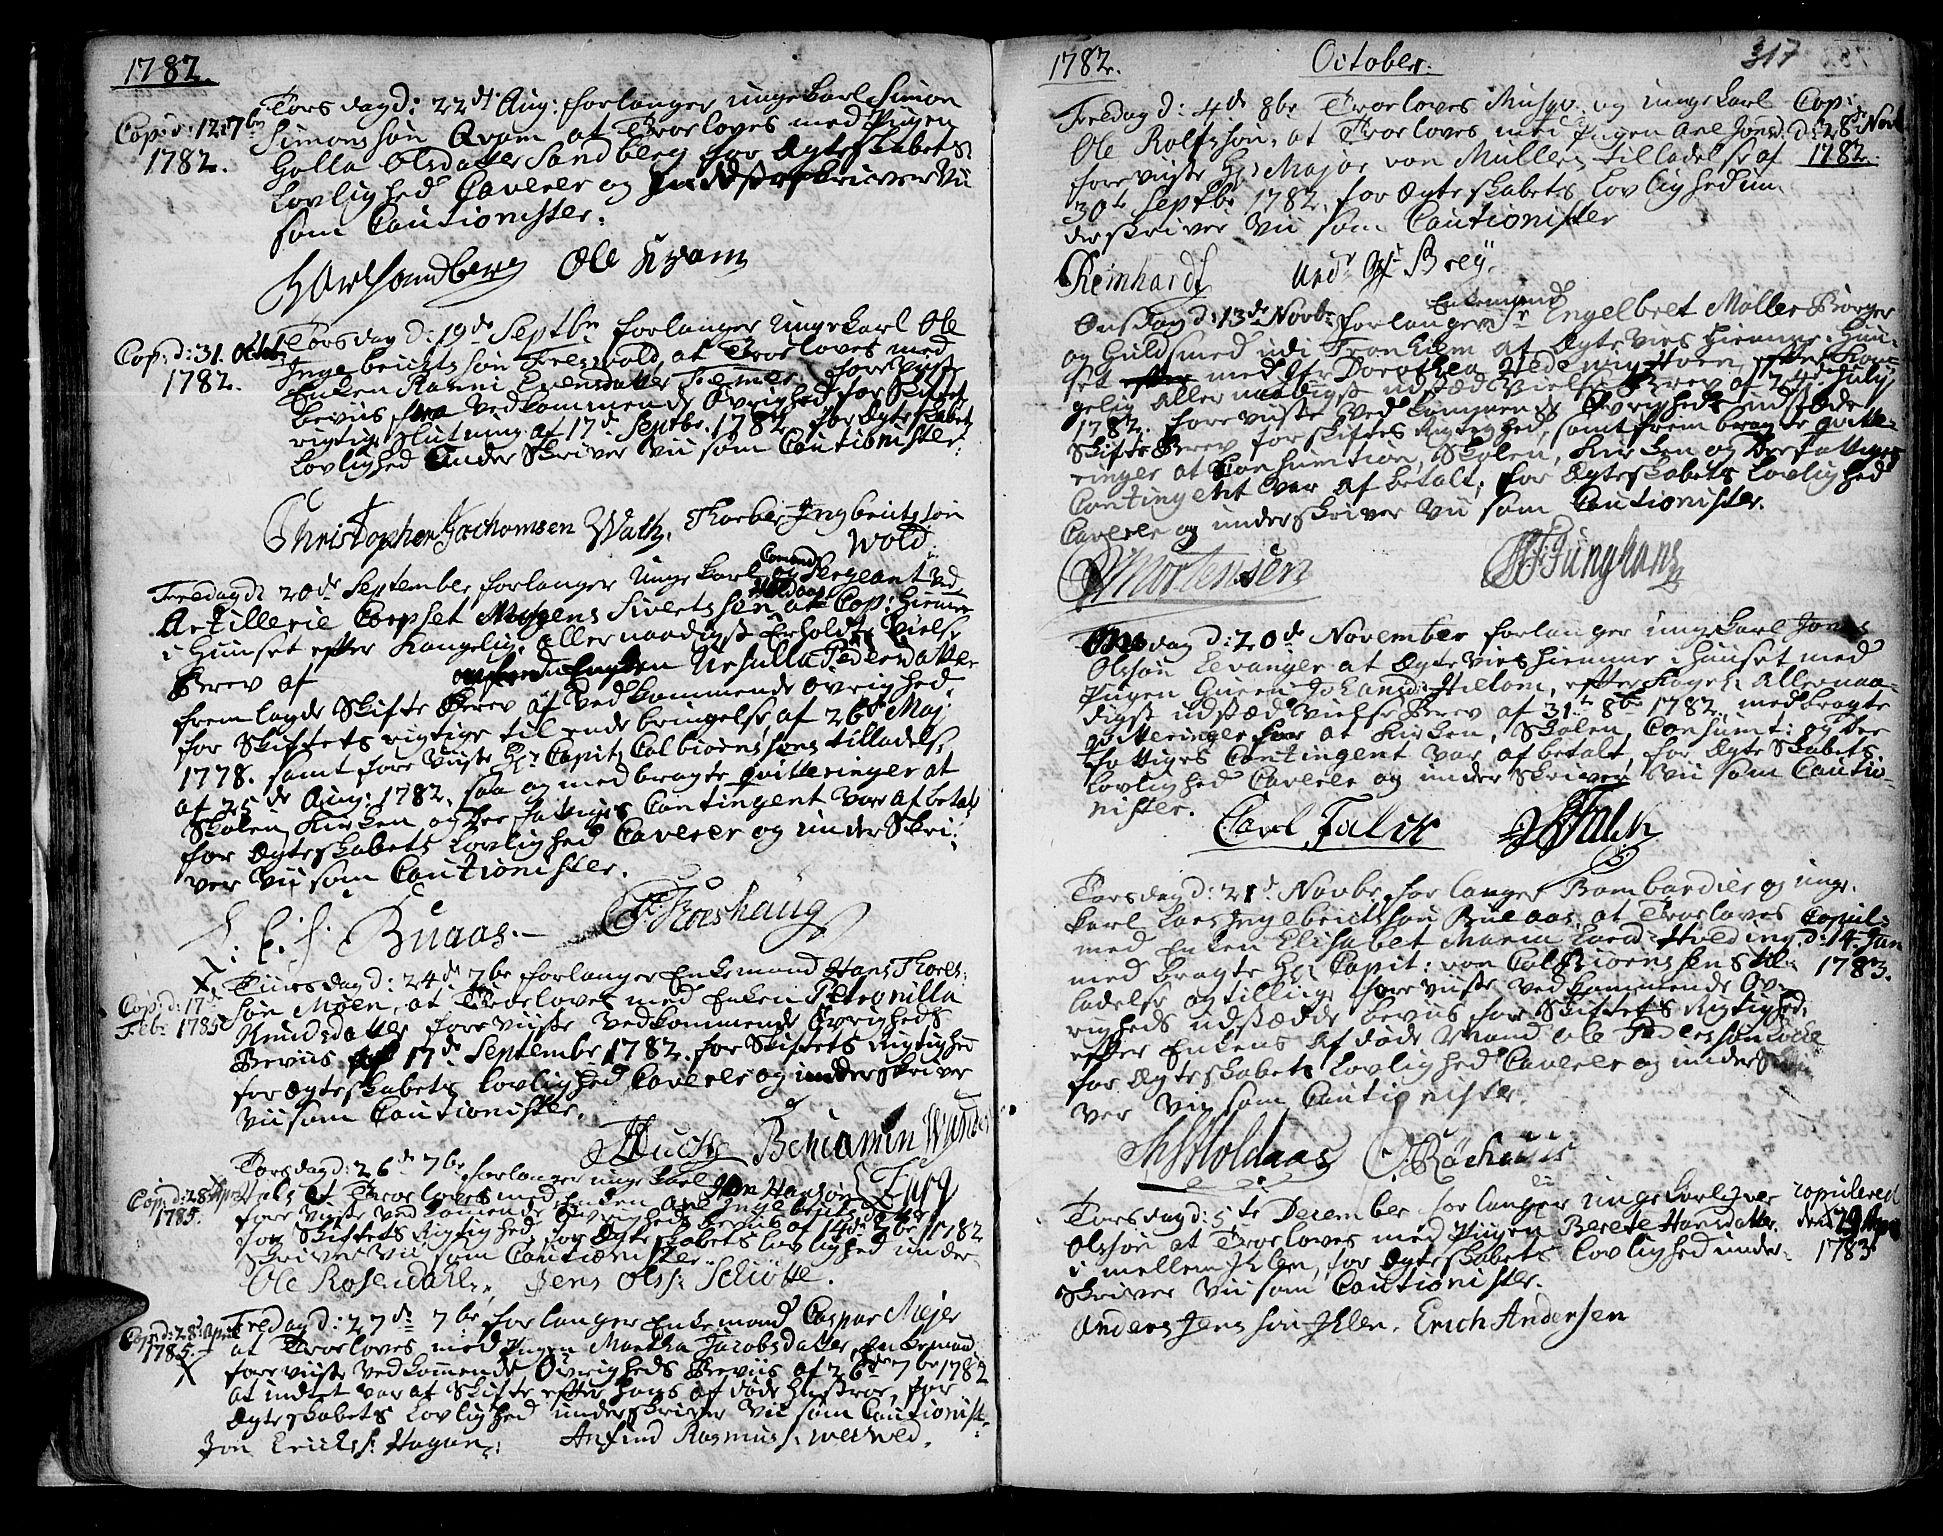 SAT, Ministerialprotokoller, klokkerbøker og fødselsregistre - Sør-Trøndelag, 601/L0038: Ministerialbok nr. 601A06, 1766-1877, s. 317